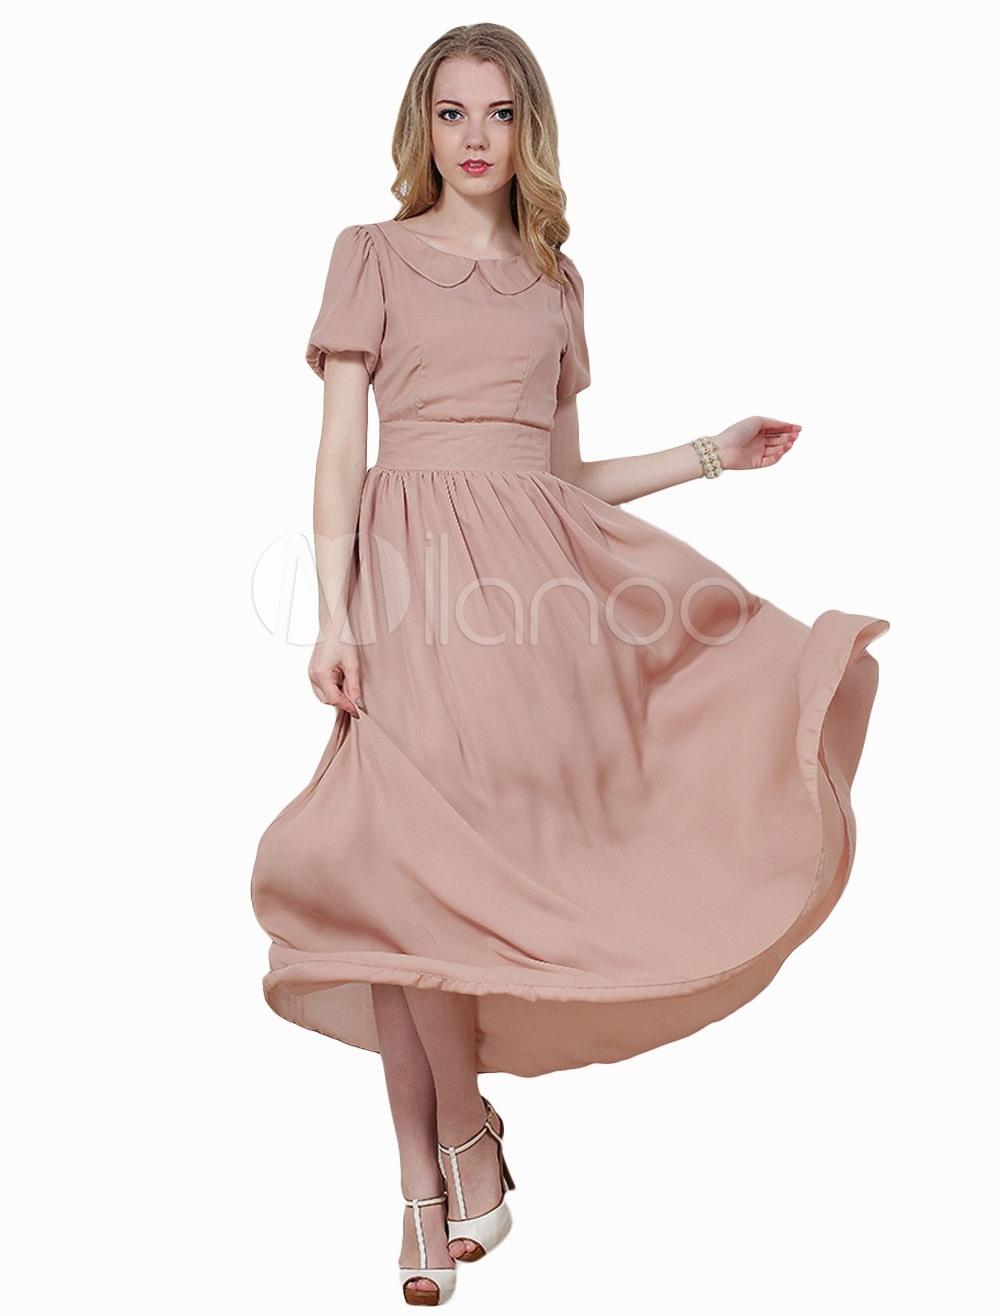 10 Ausgezeichnet Langes Schickes Kleid SpezialgebietFormal Wunderbar Langes Schickes Kleid Spezialgebiet